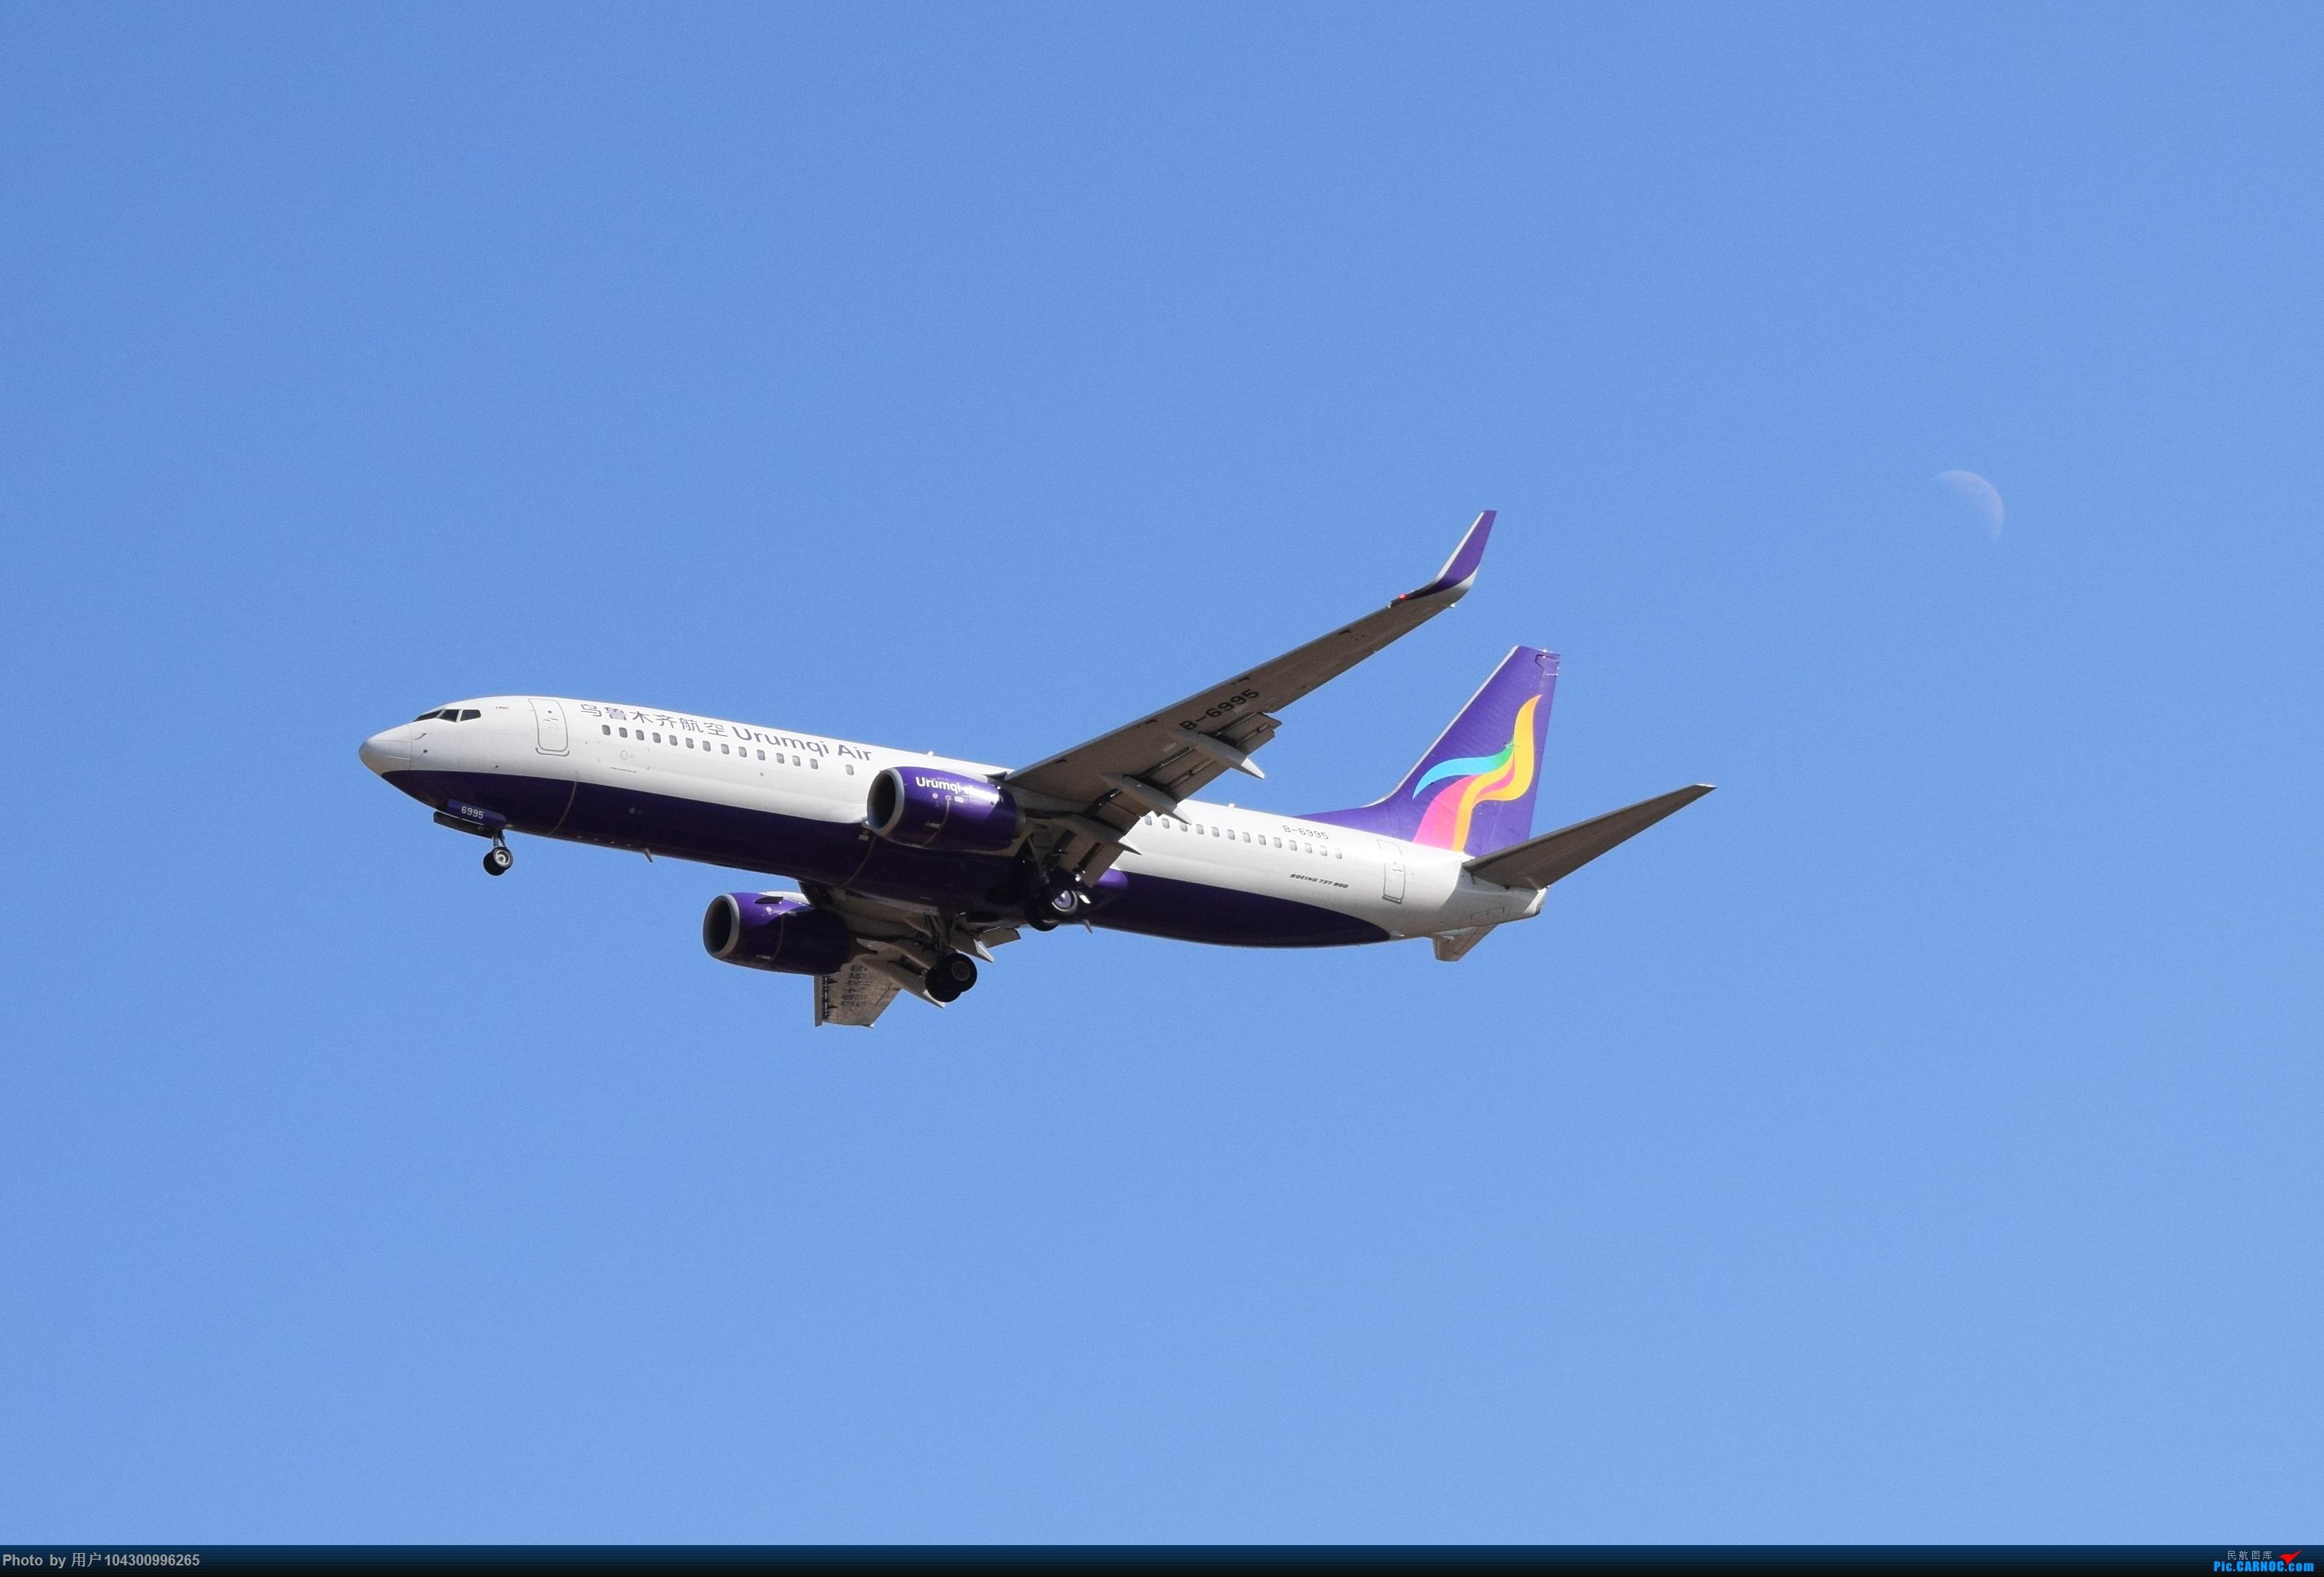 [原创][KWE]贵阳今天天气不错,随便拍几张! BOEING 737-800 B-6995 中国贵阳龙洞堡国际机场